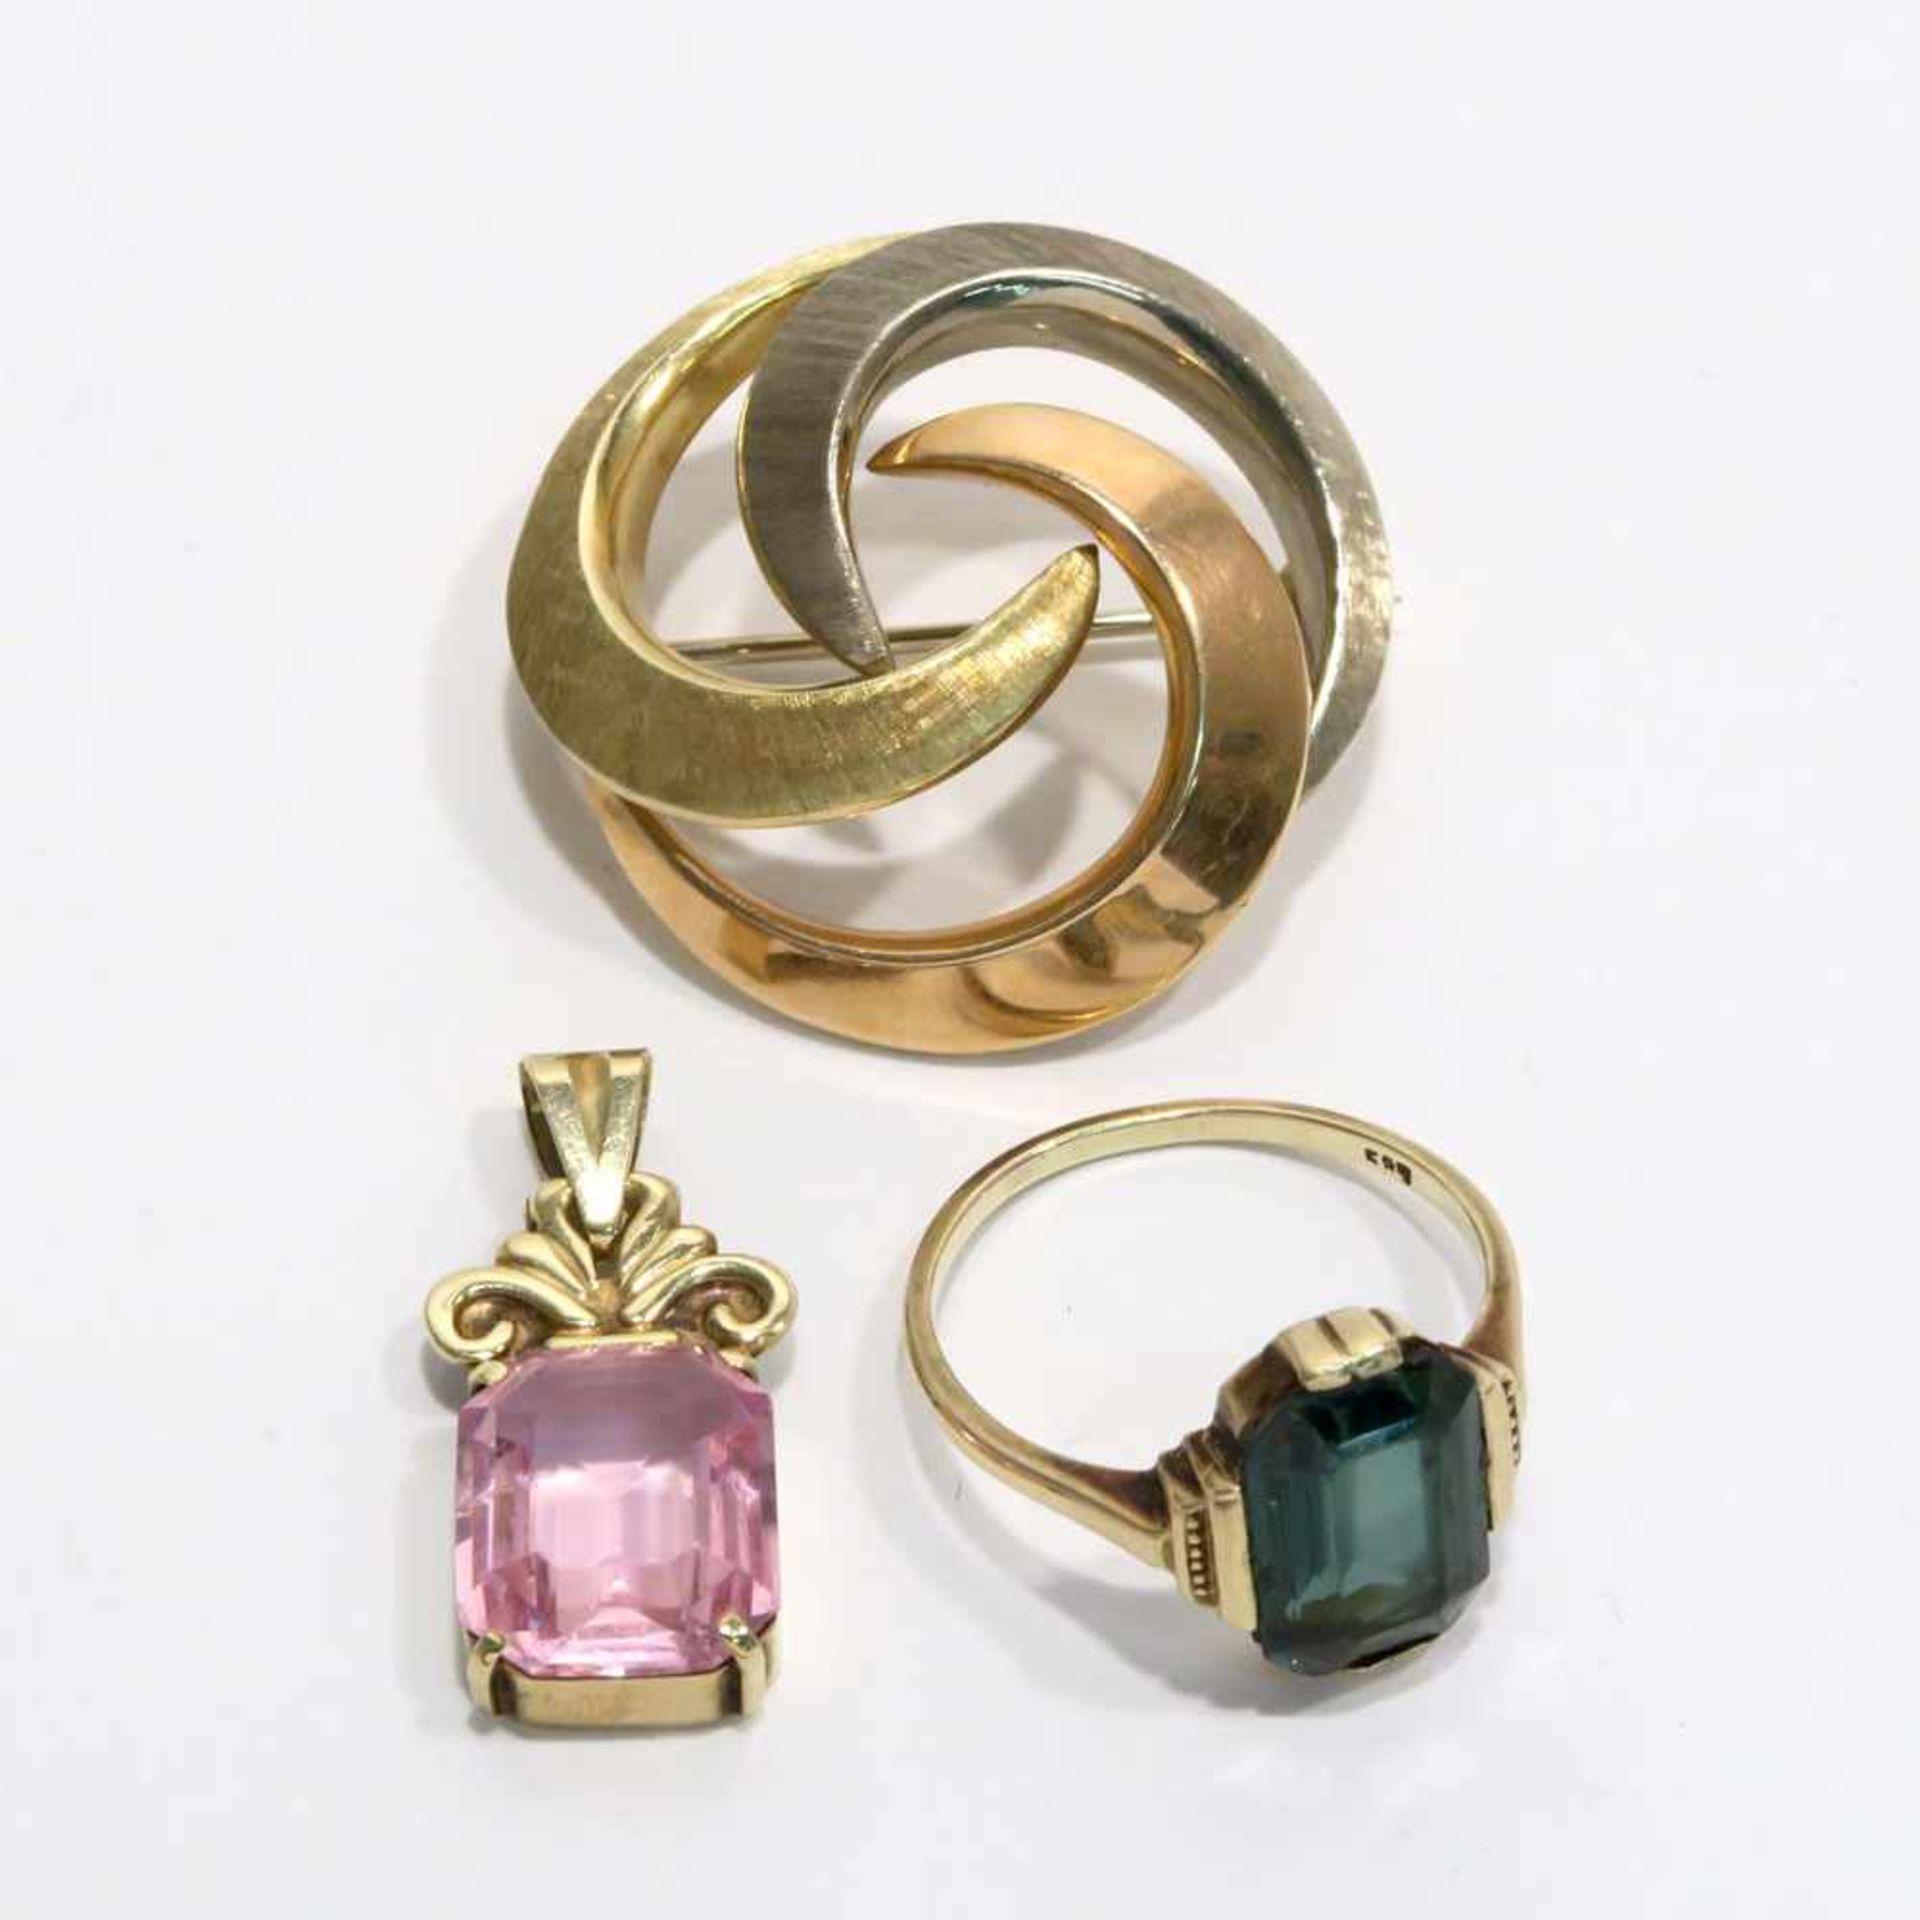 Ring, Anhänger und Brosche14 K GG/RG/WG, Marken (585 u.a.). Der Ring mit grünem, synth. Spinell